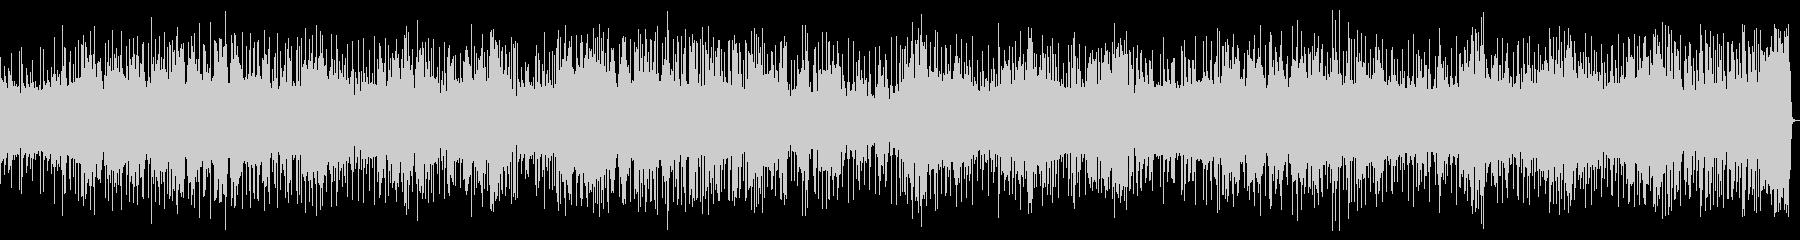 8bit 勇壮なポップファンタジーの未再生の波形